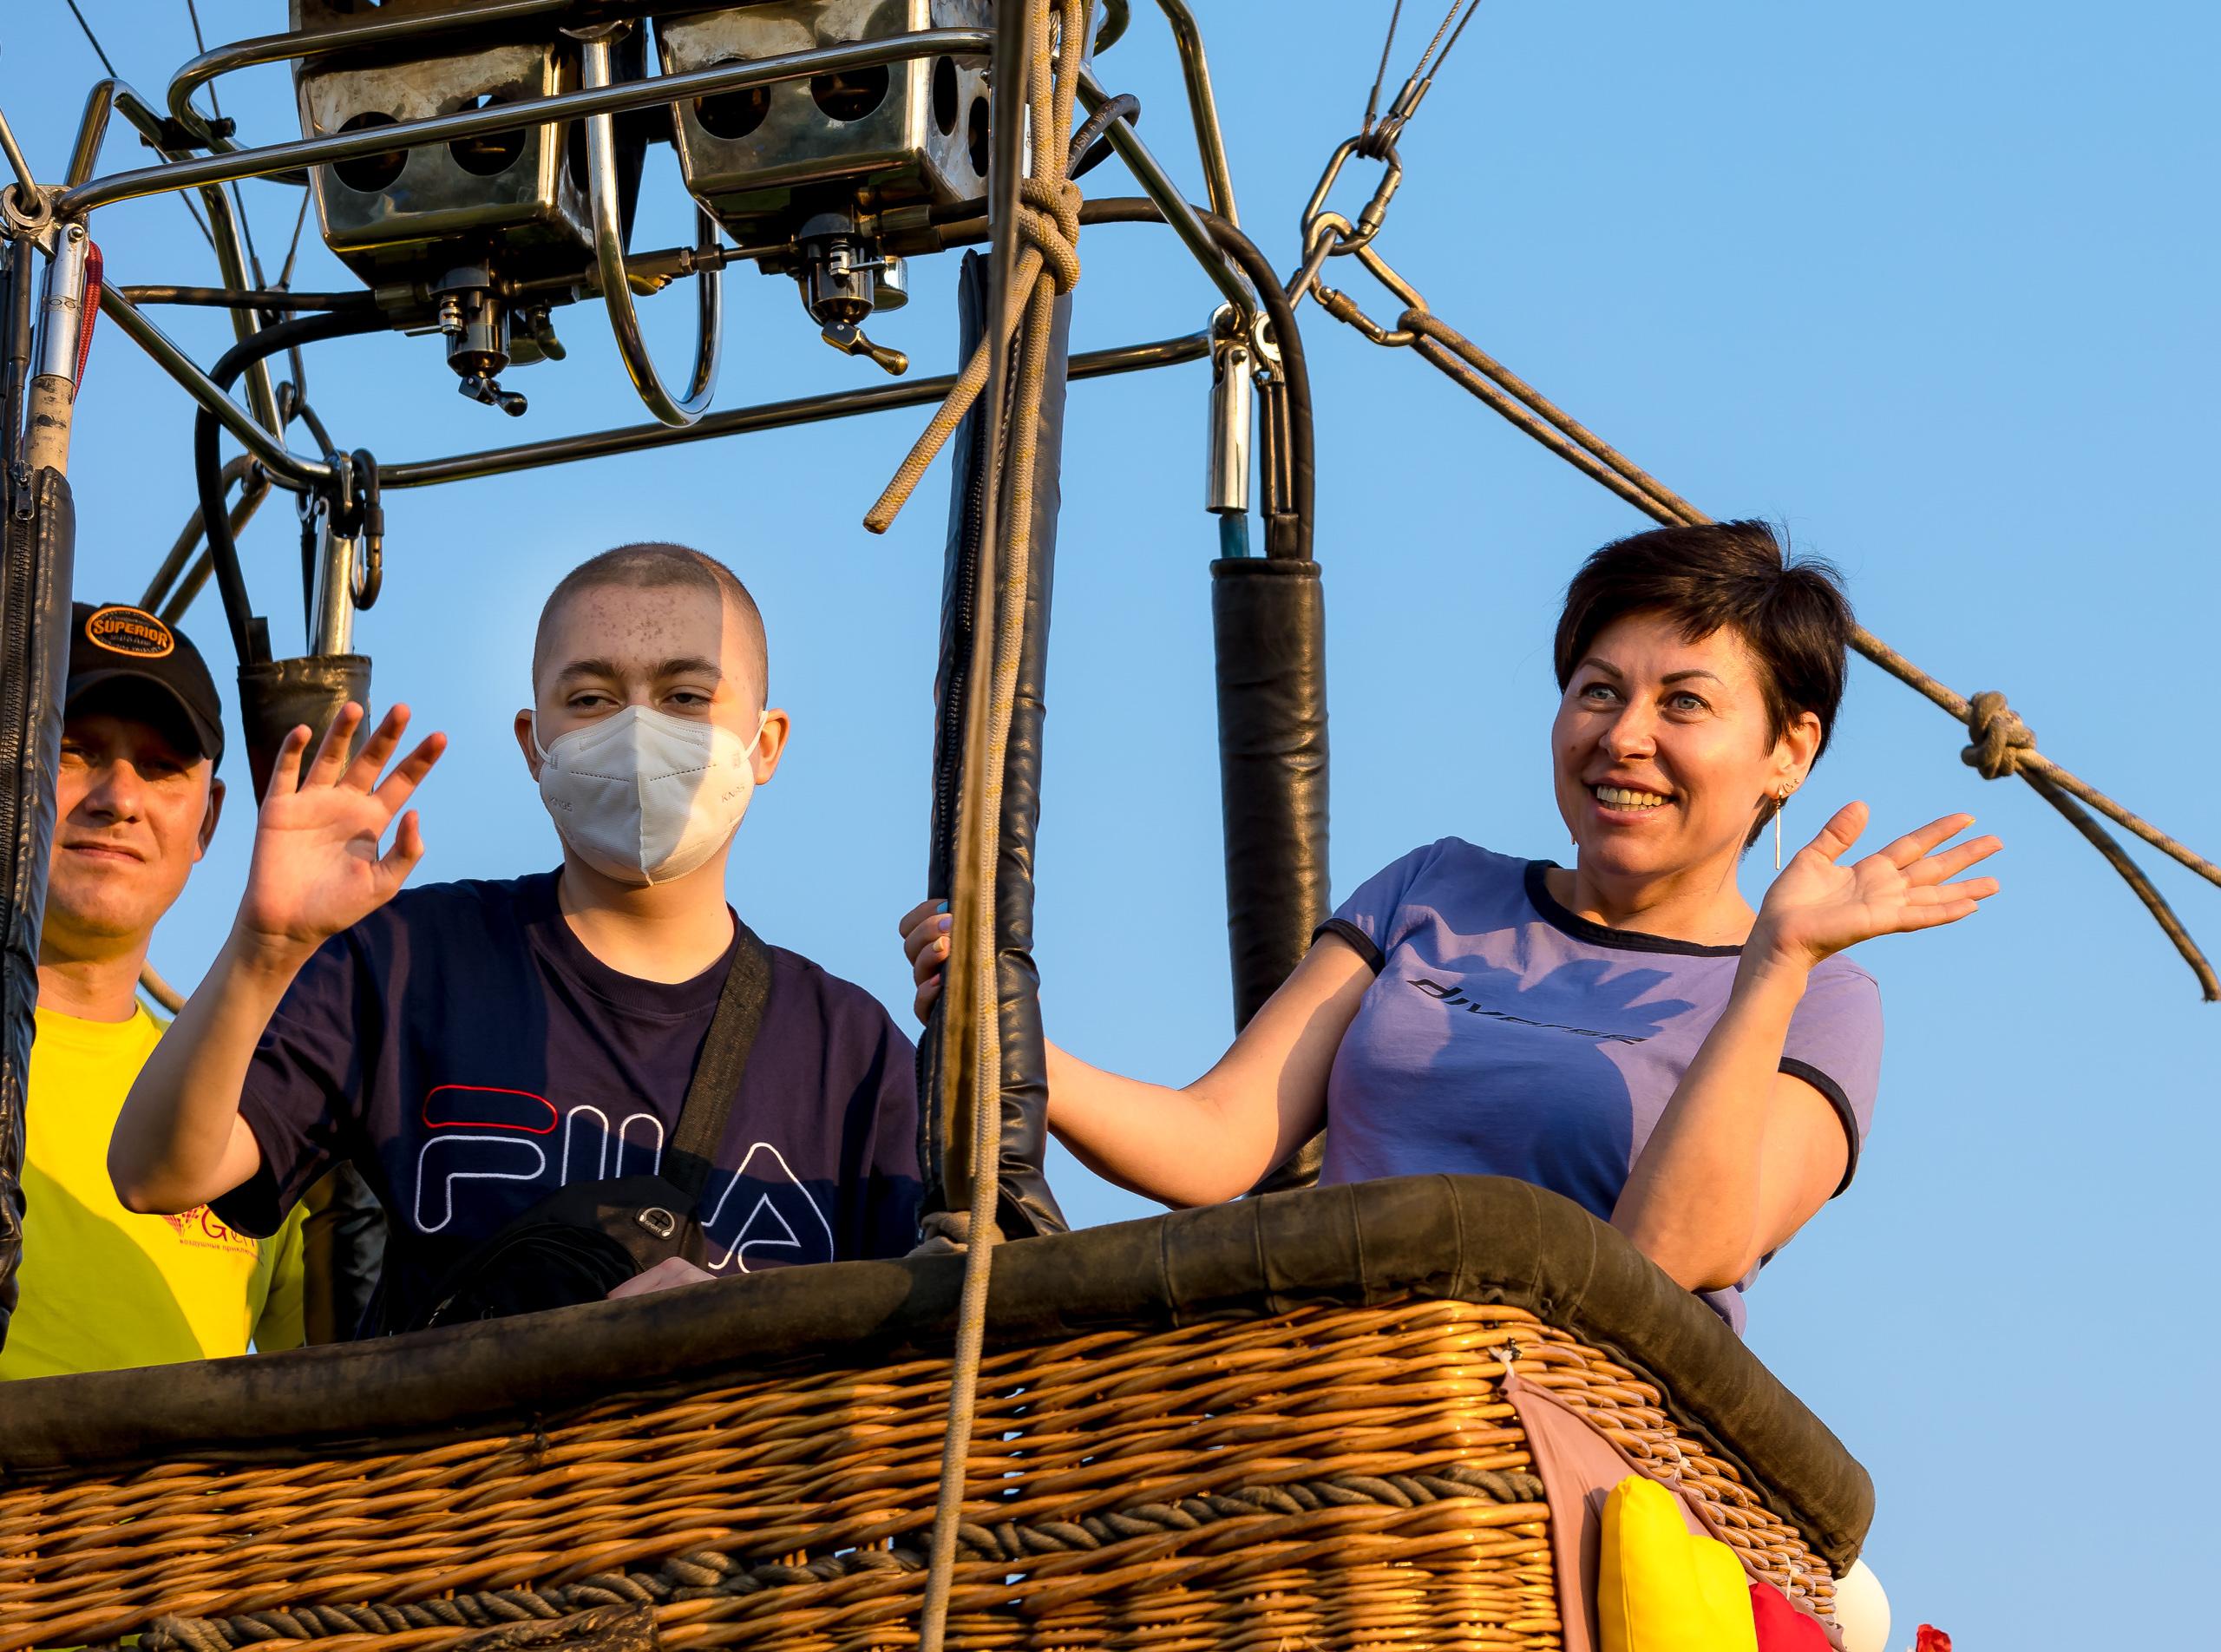 Трансплантація в Україні: в Охматдит дітям, які пережили операції, влаштували свято